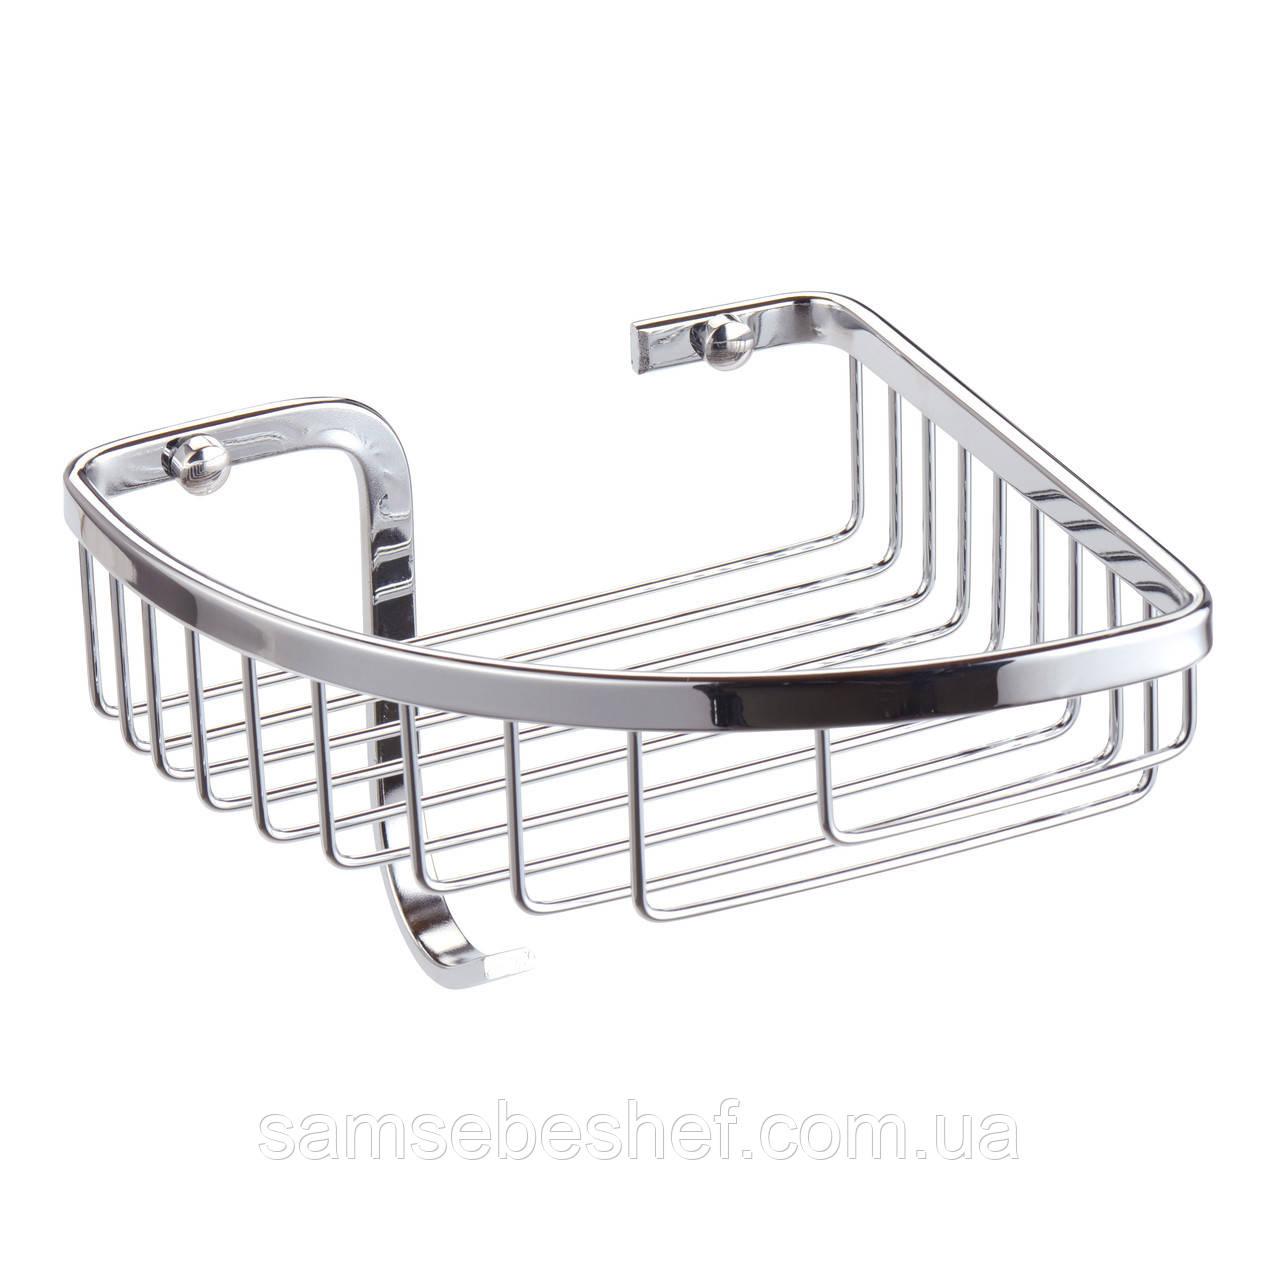 Полка для ванной Besser угловая 24.5х19х13.5см с крючком KM-8508